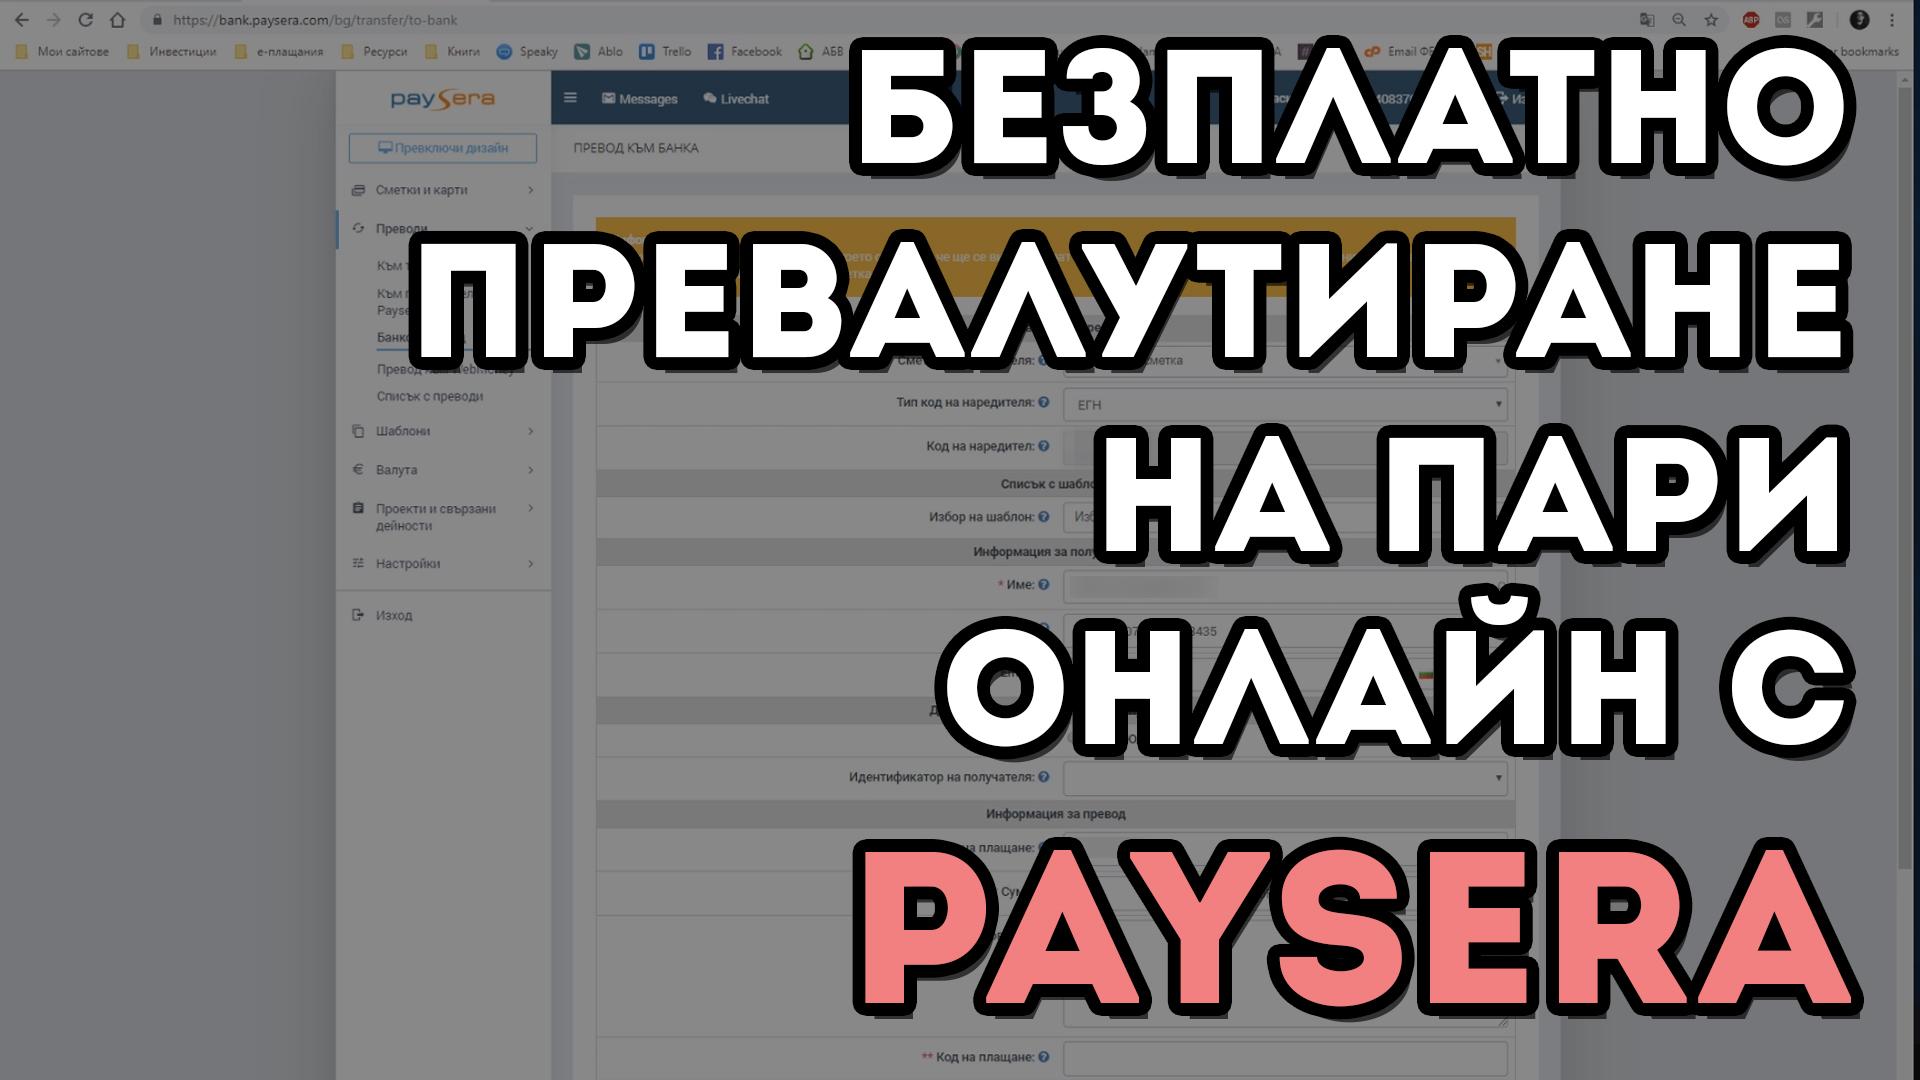 Безплатно превалутиране на пари с Paysera